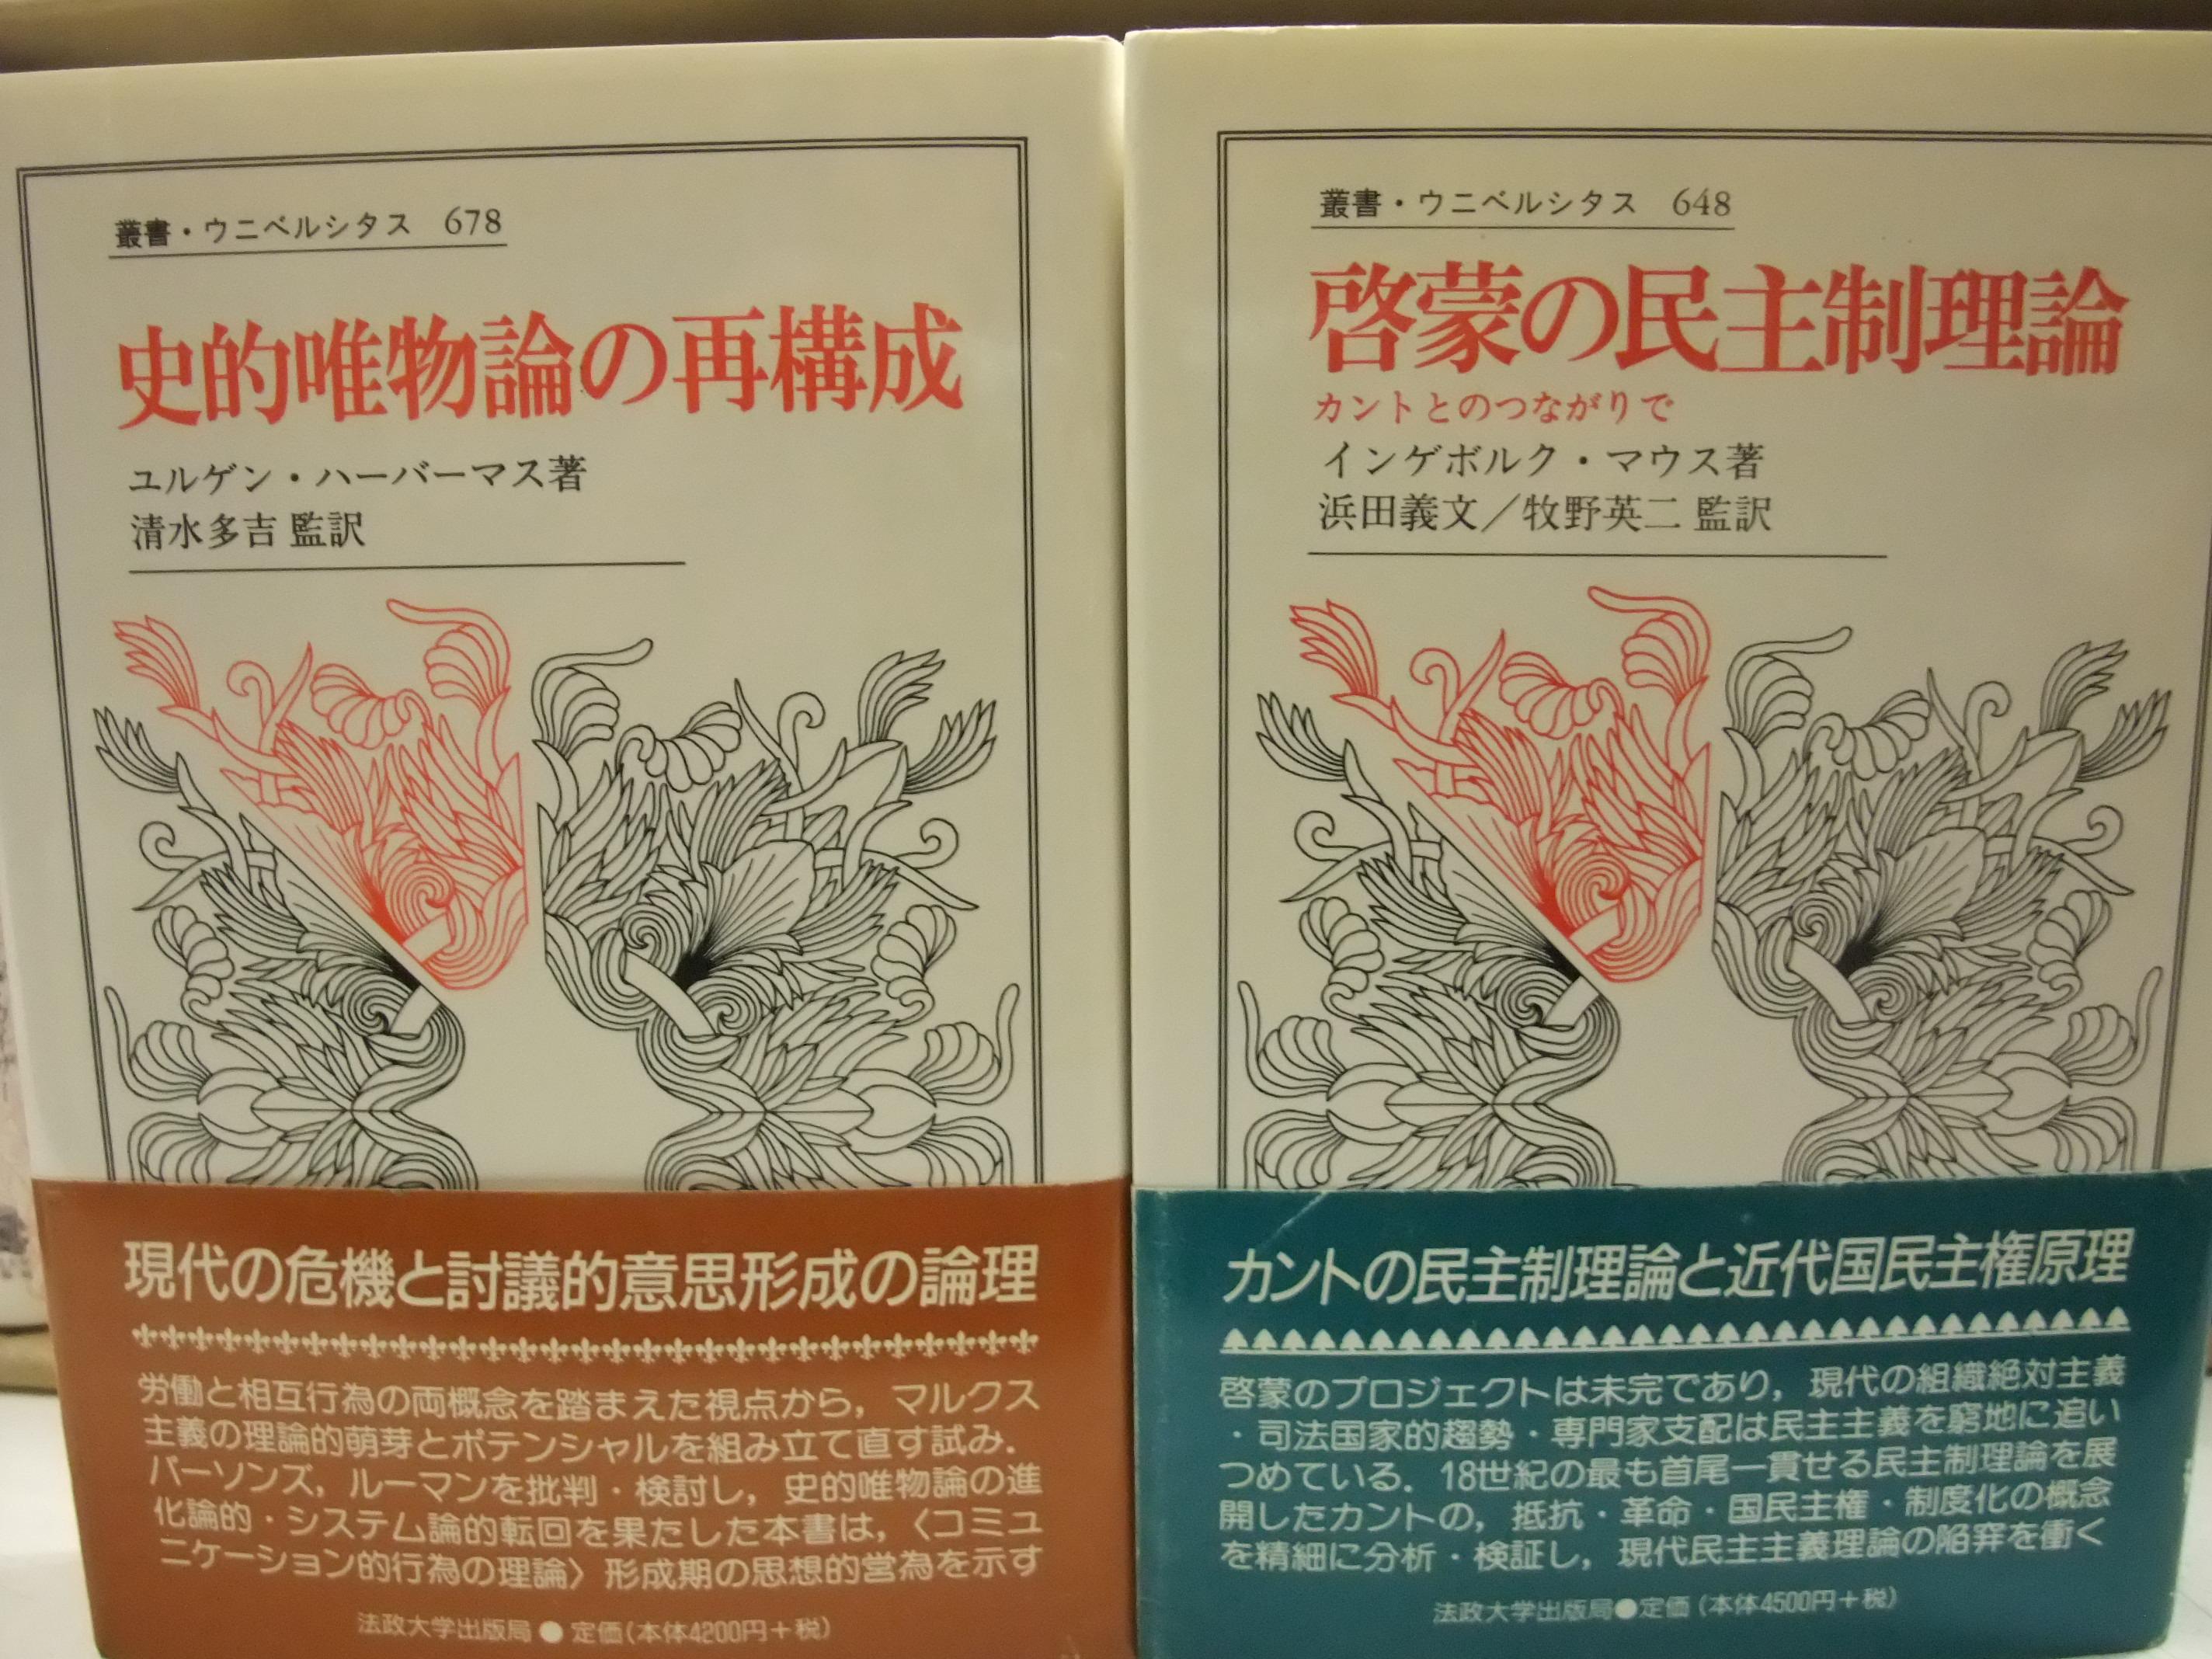 浜松市南区飯田町 出張買取 叢書・ウニベルシタス「史的唯物論の再構成 啓蒙の民主制理論」など30冊買取